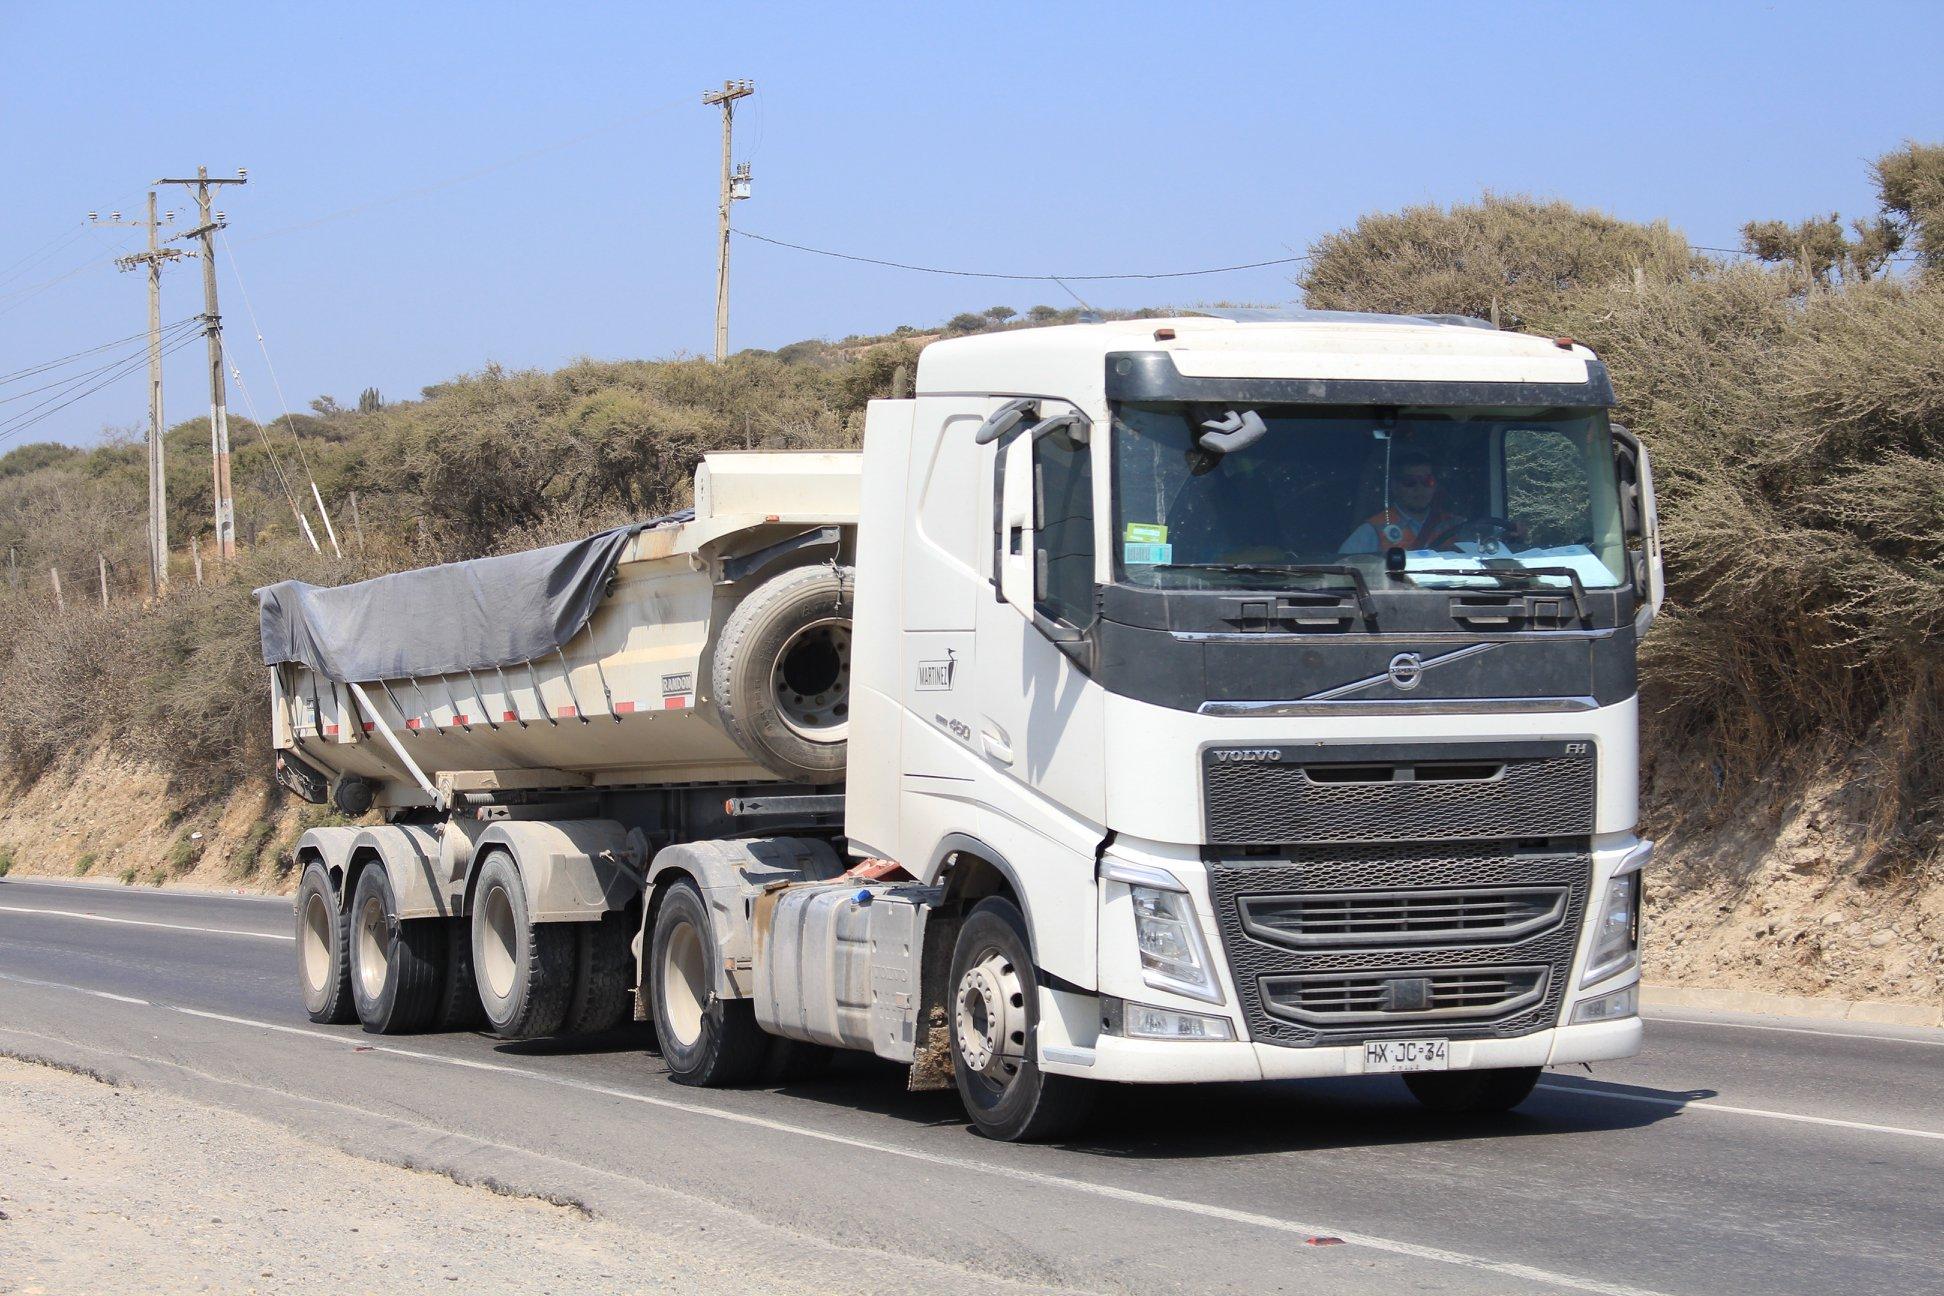 Truck_pics_mix-39